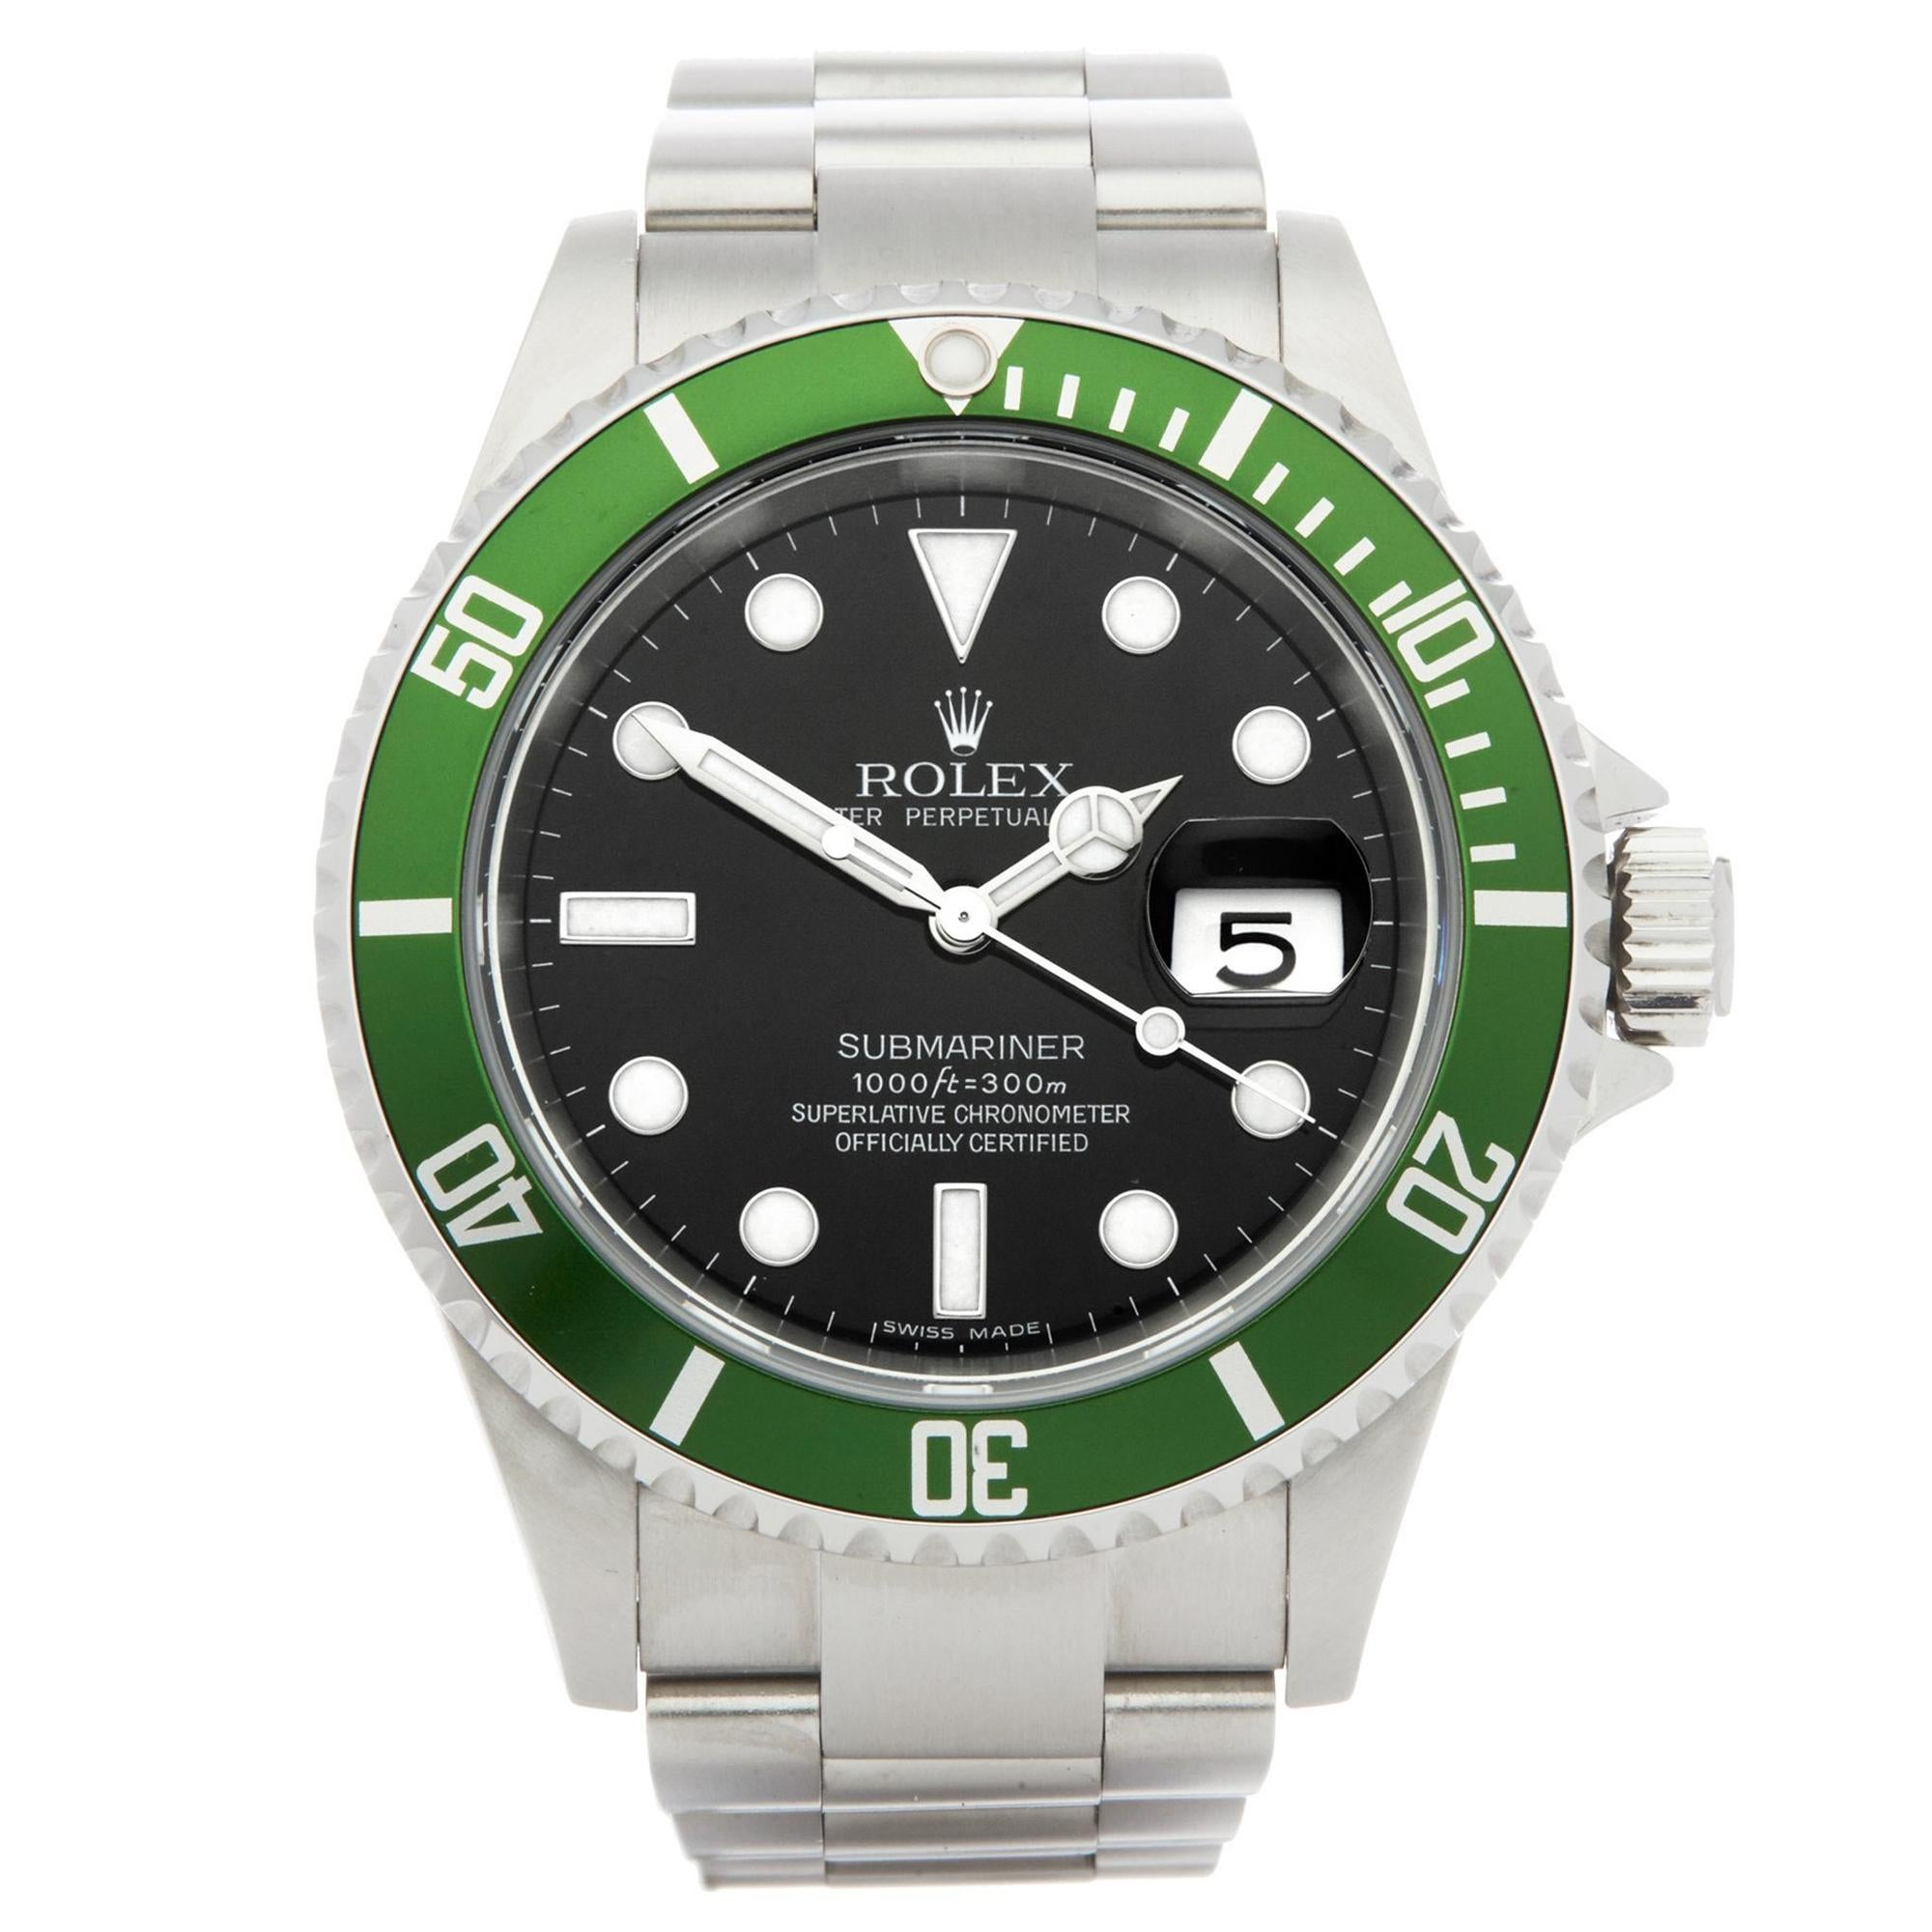 Rolex Submariner Date 16610LV Men's Stainless Steel Kermit Watch